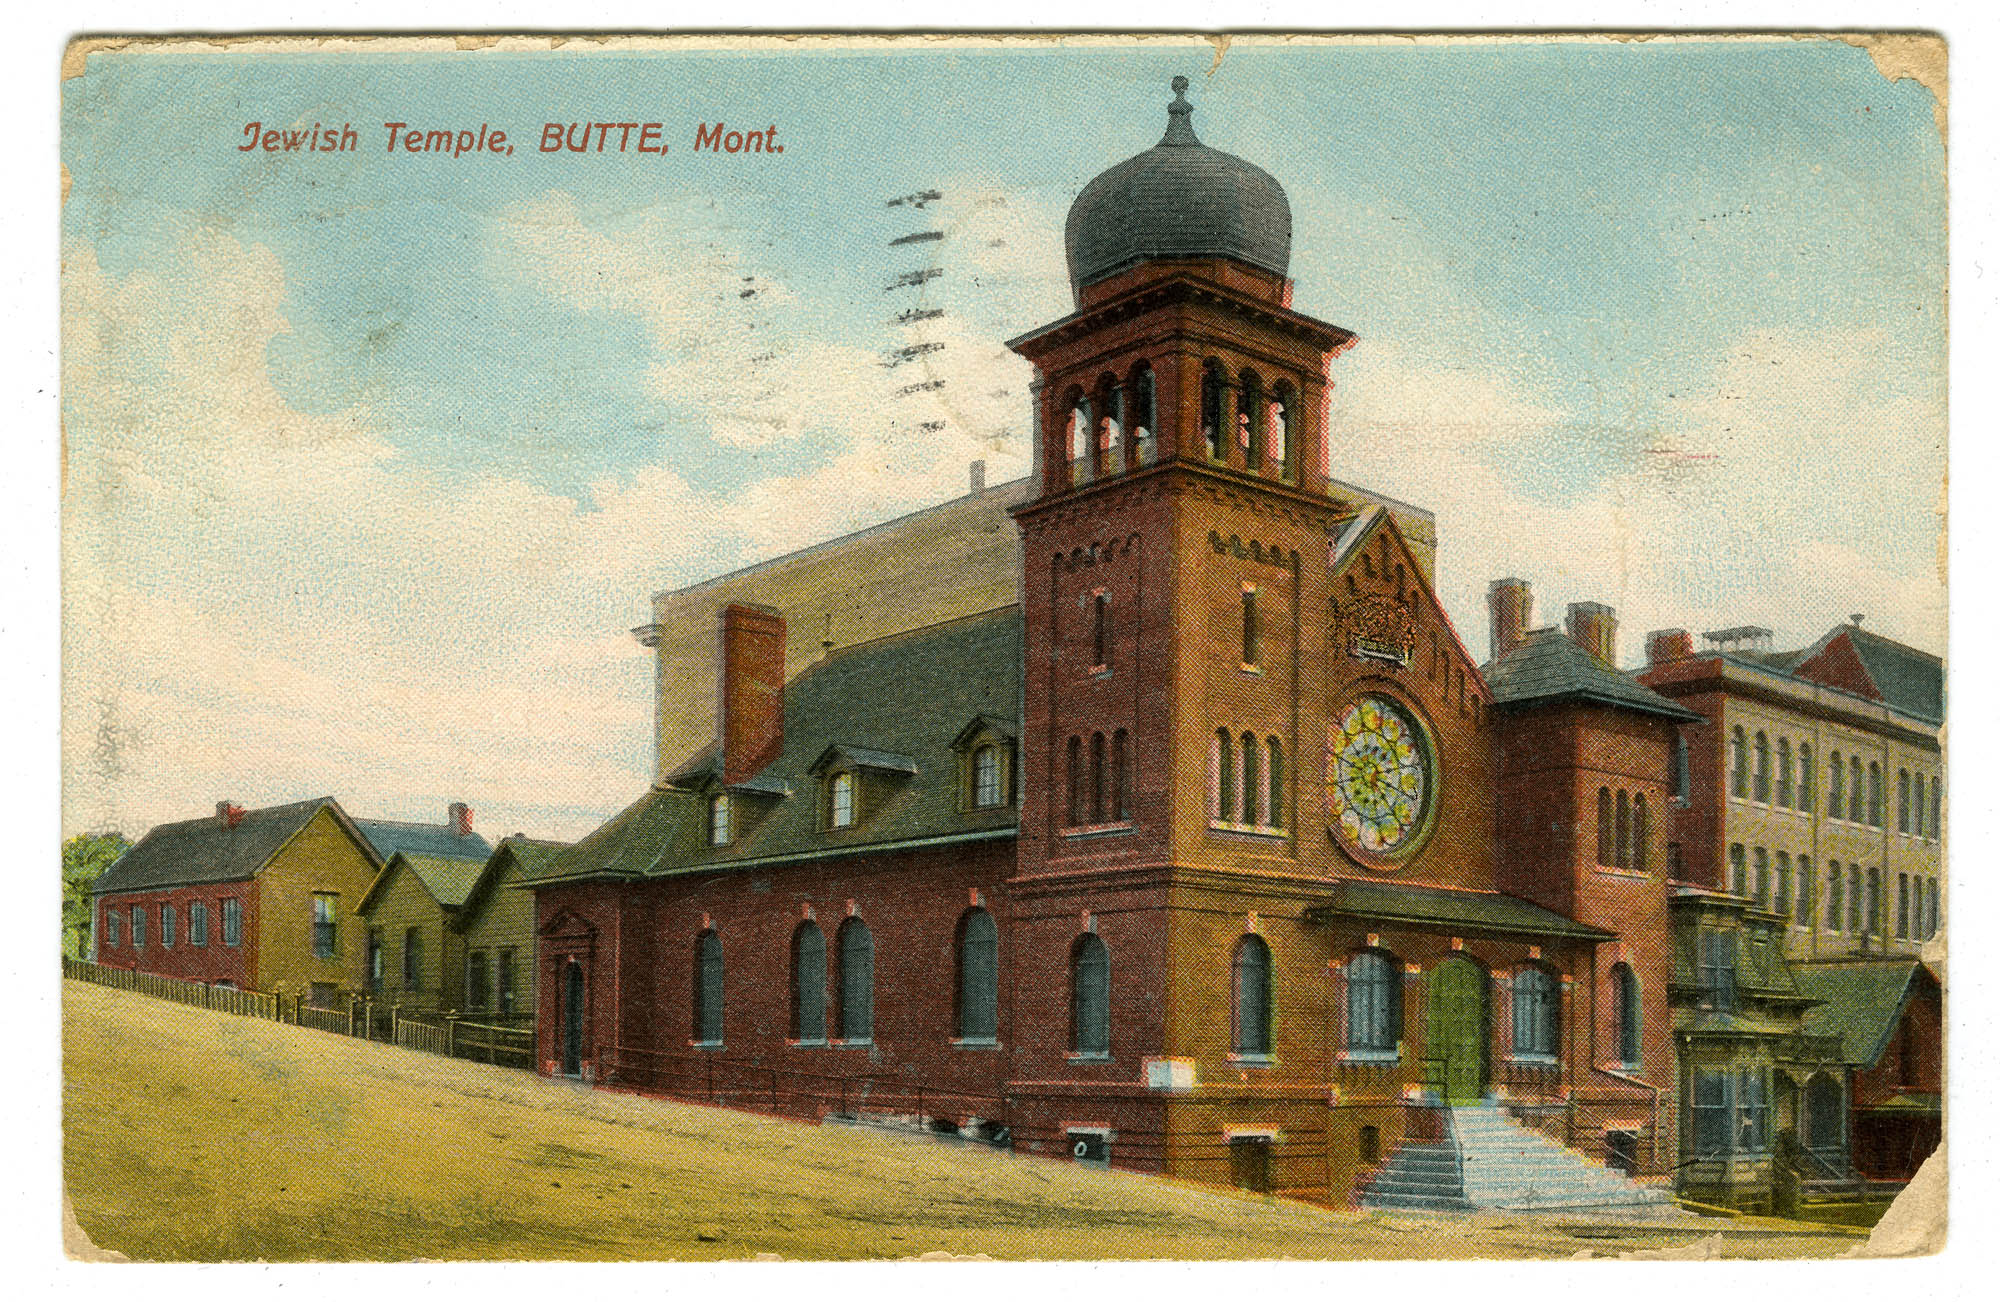 Jewish Temple, Butte, Mont.